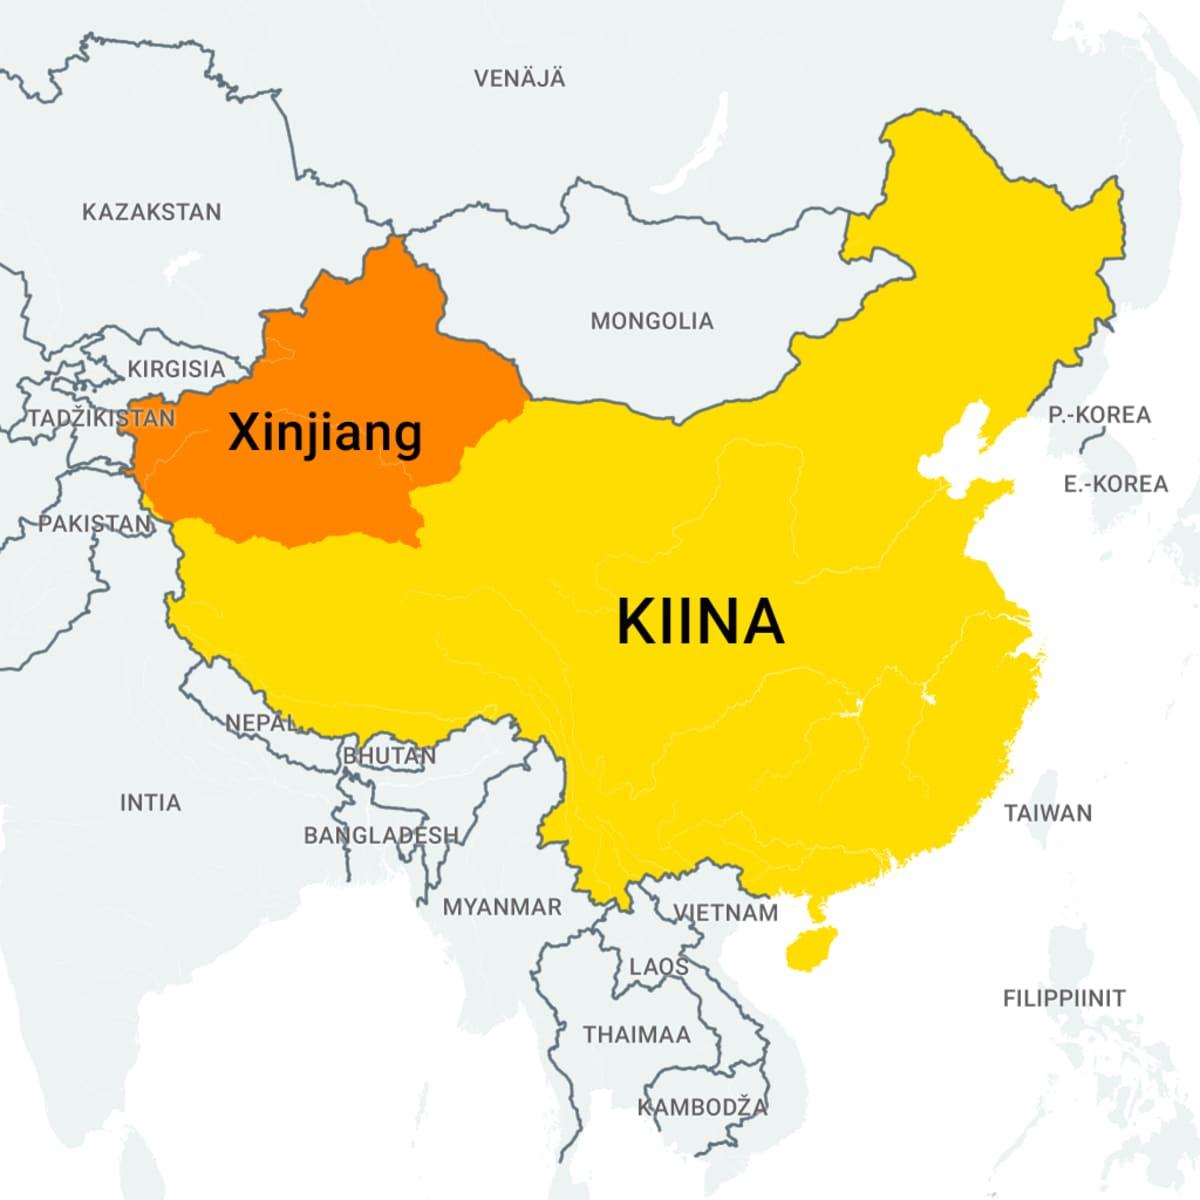 Kiinan maakunnan Xinjiangin sijainnin osoittava kartta